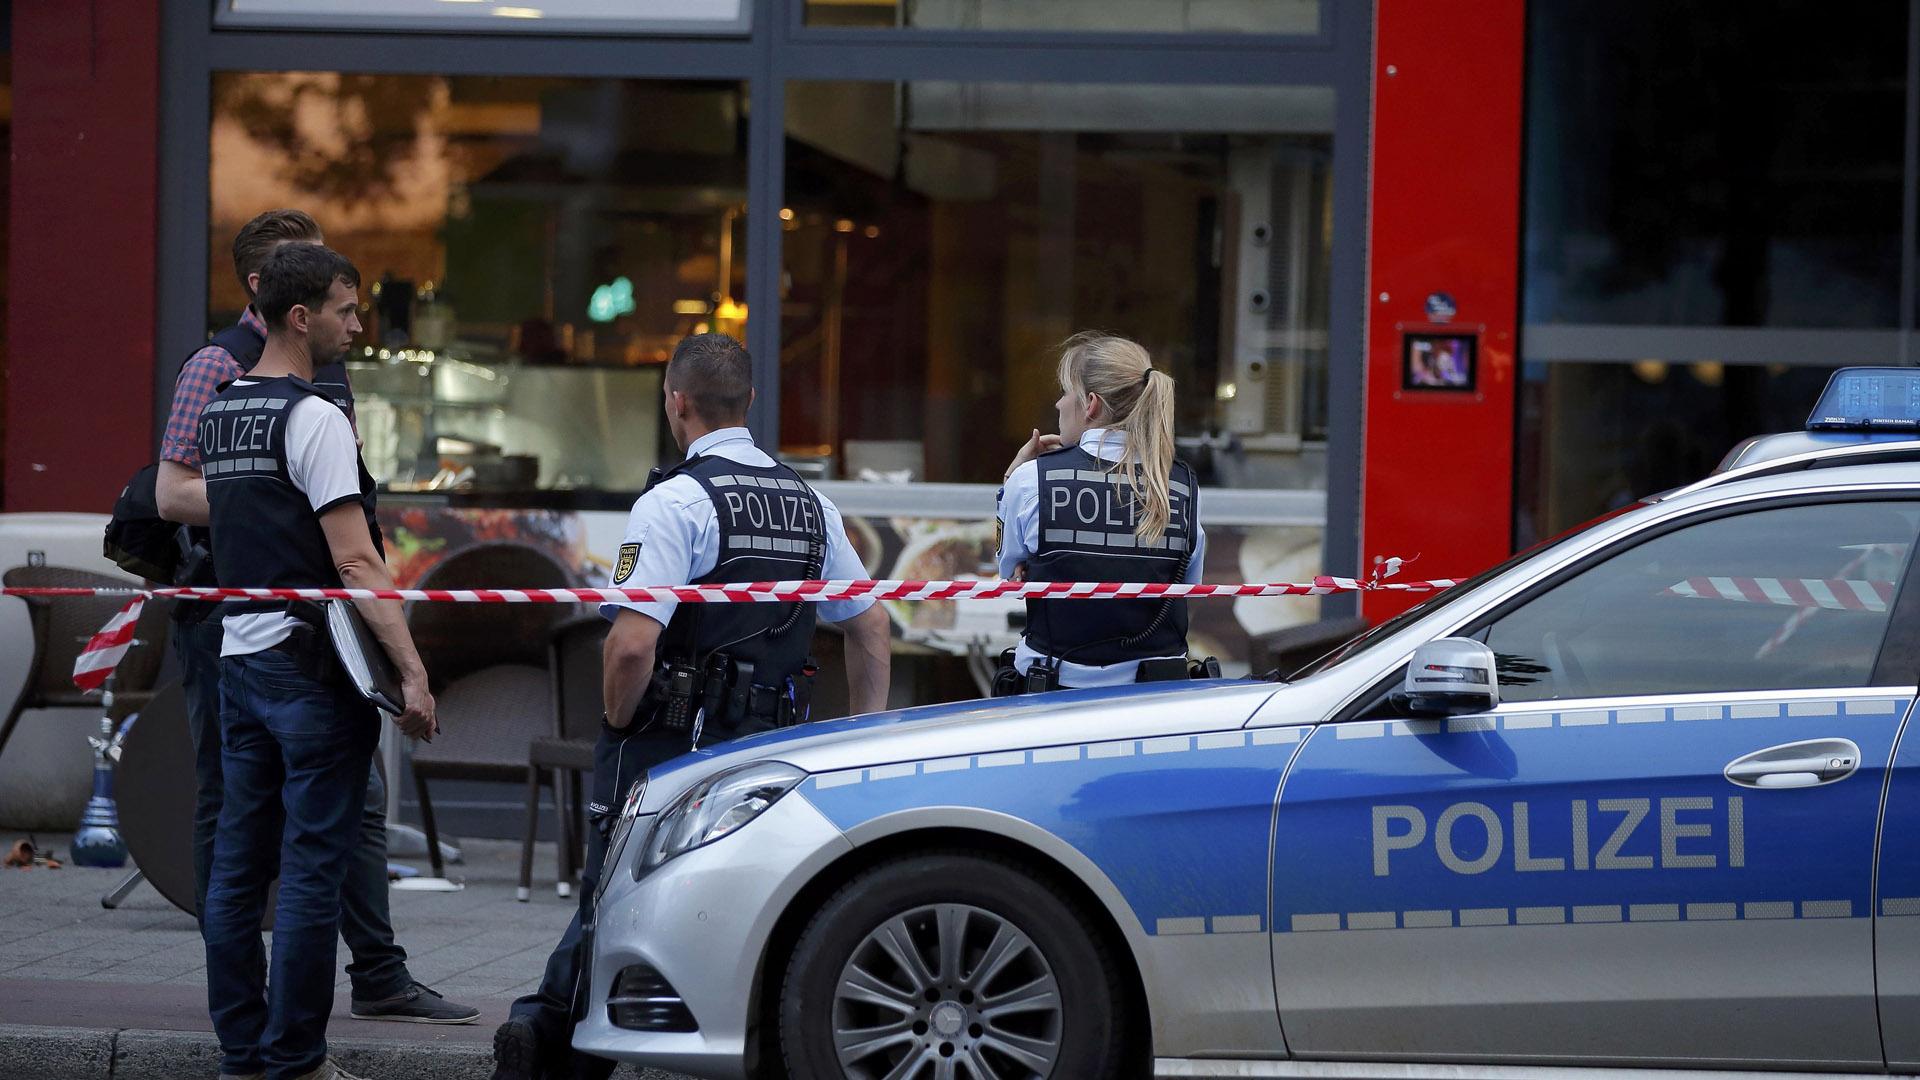 Alemania reforzará seguridad tras atentados